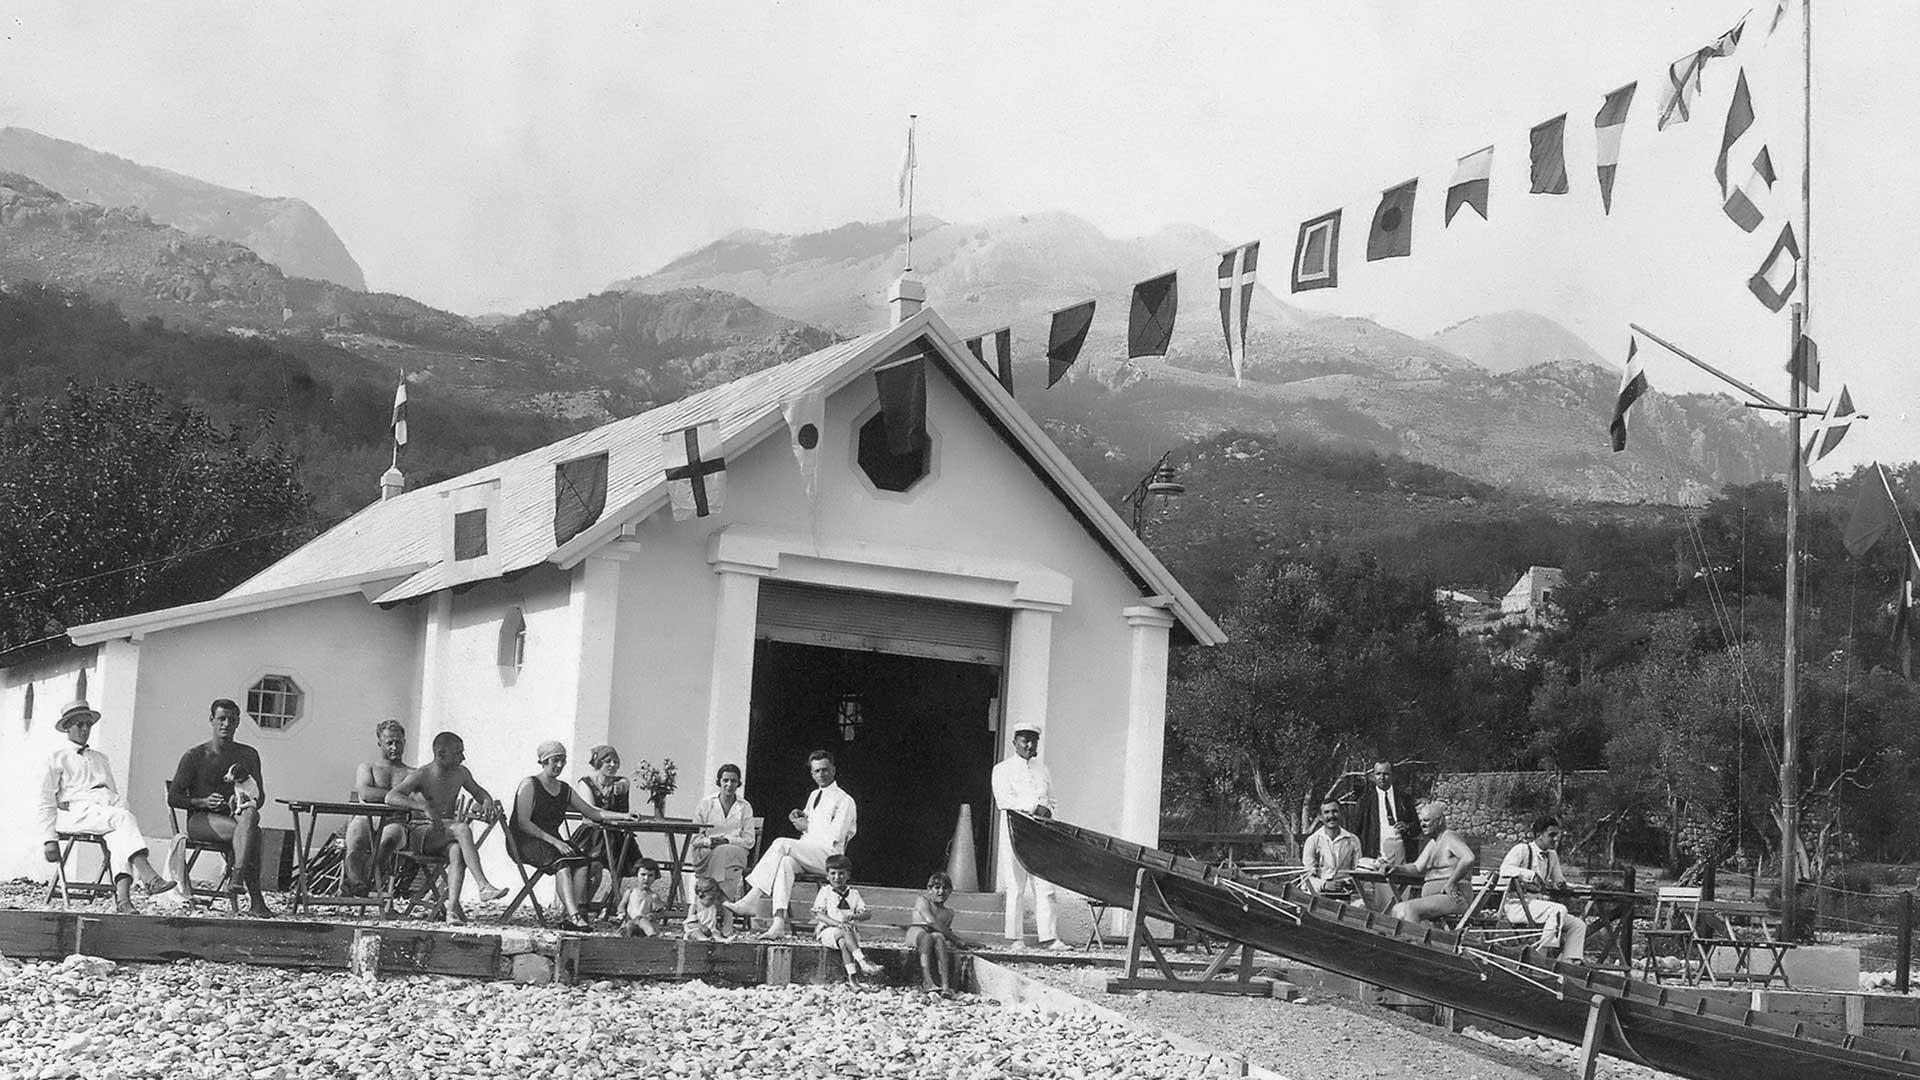 jadran-herceg-novi-osnovan-1922-godine